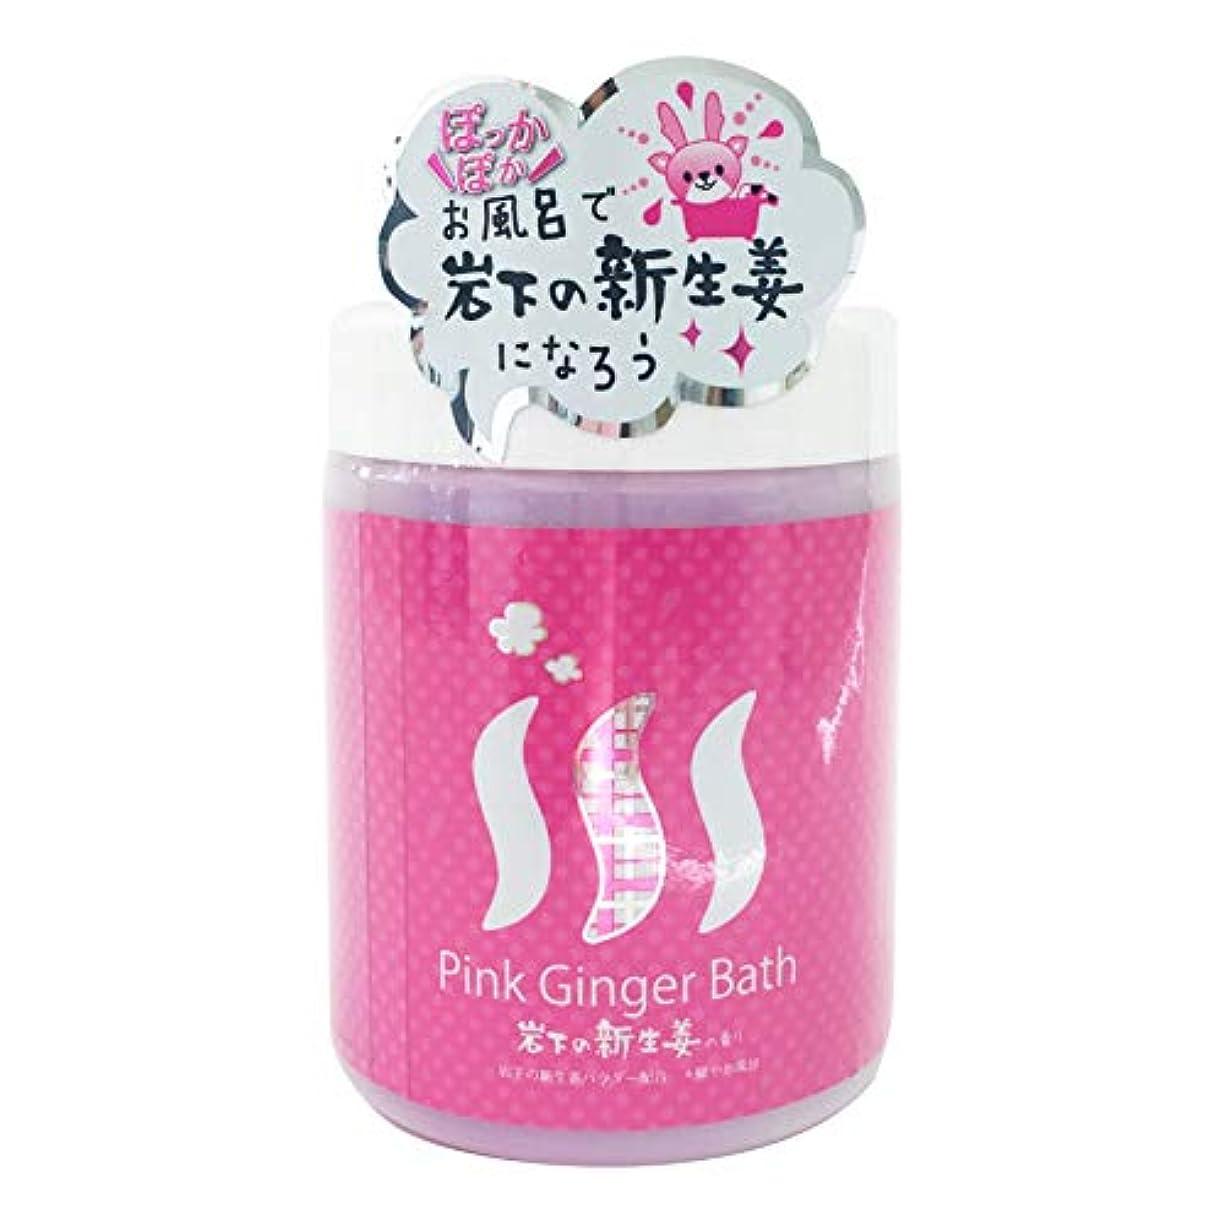 例示する汚れる成功したピンク ジンジャー バス 入浴剤 岩下 の 新生姜 の 香り 370g(7回分) 数量限定 温活 生姜